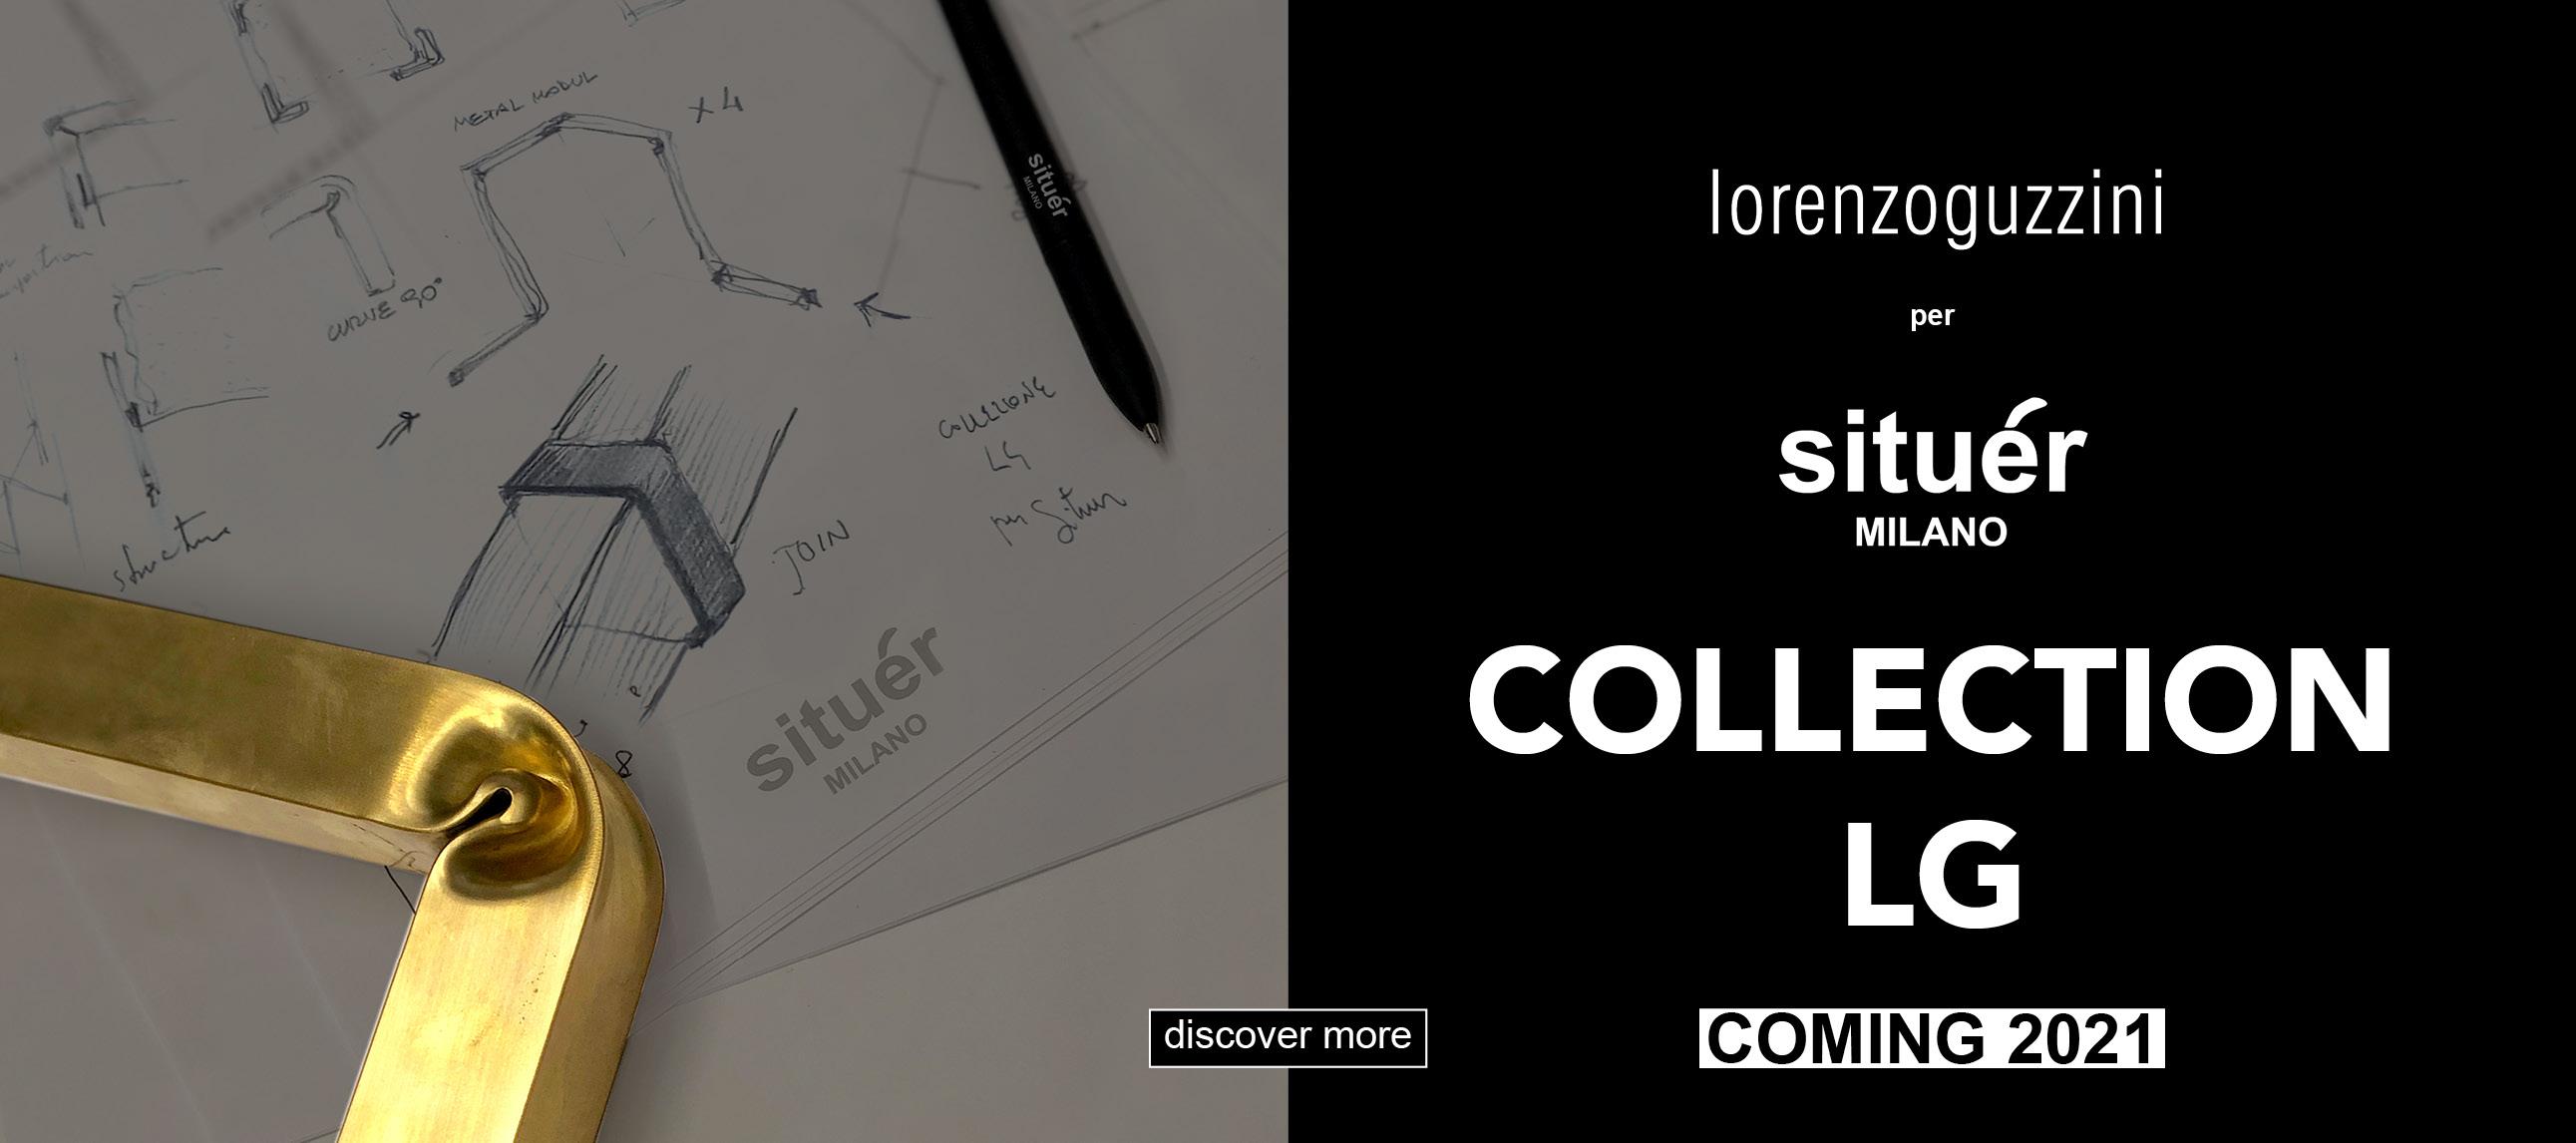 design collection lorenzo guzzini x situer milano salone del mobile